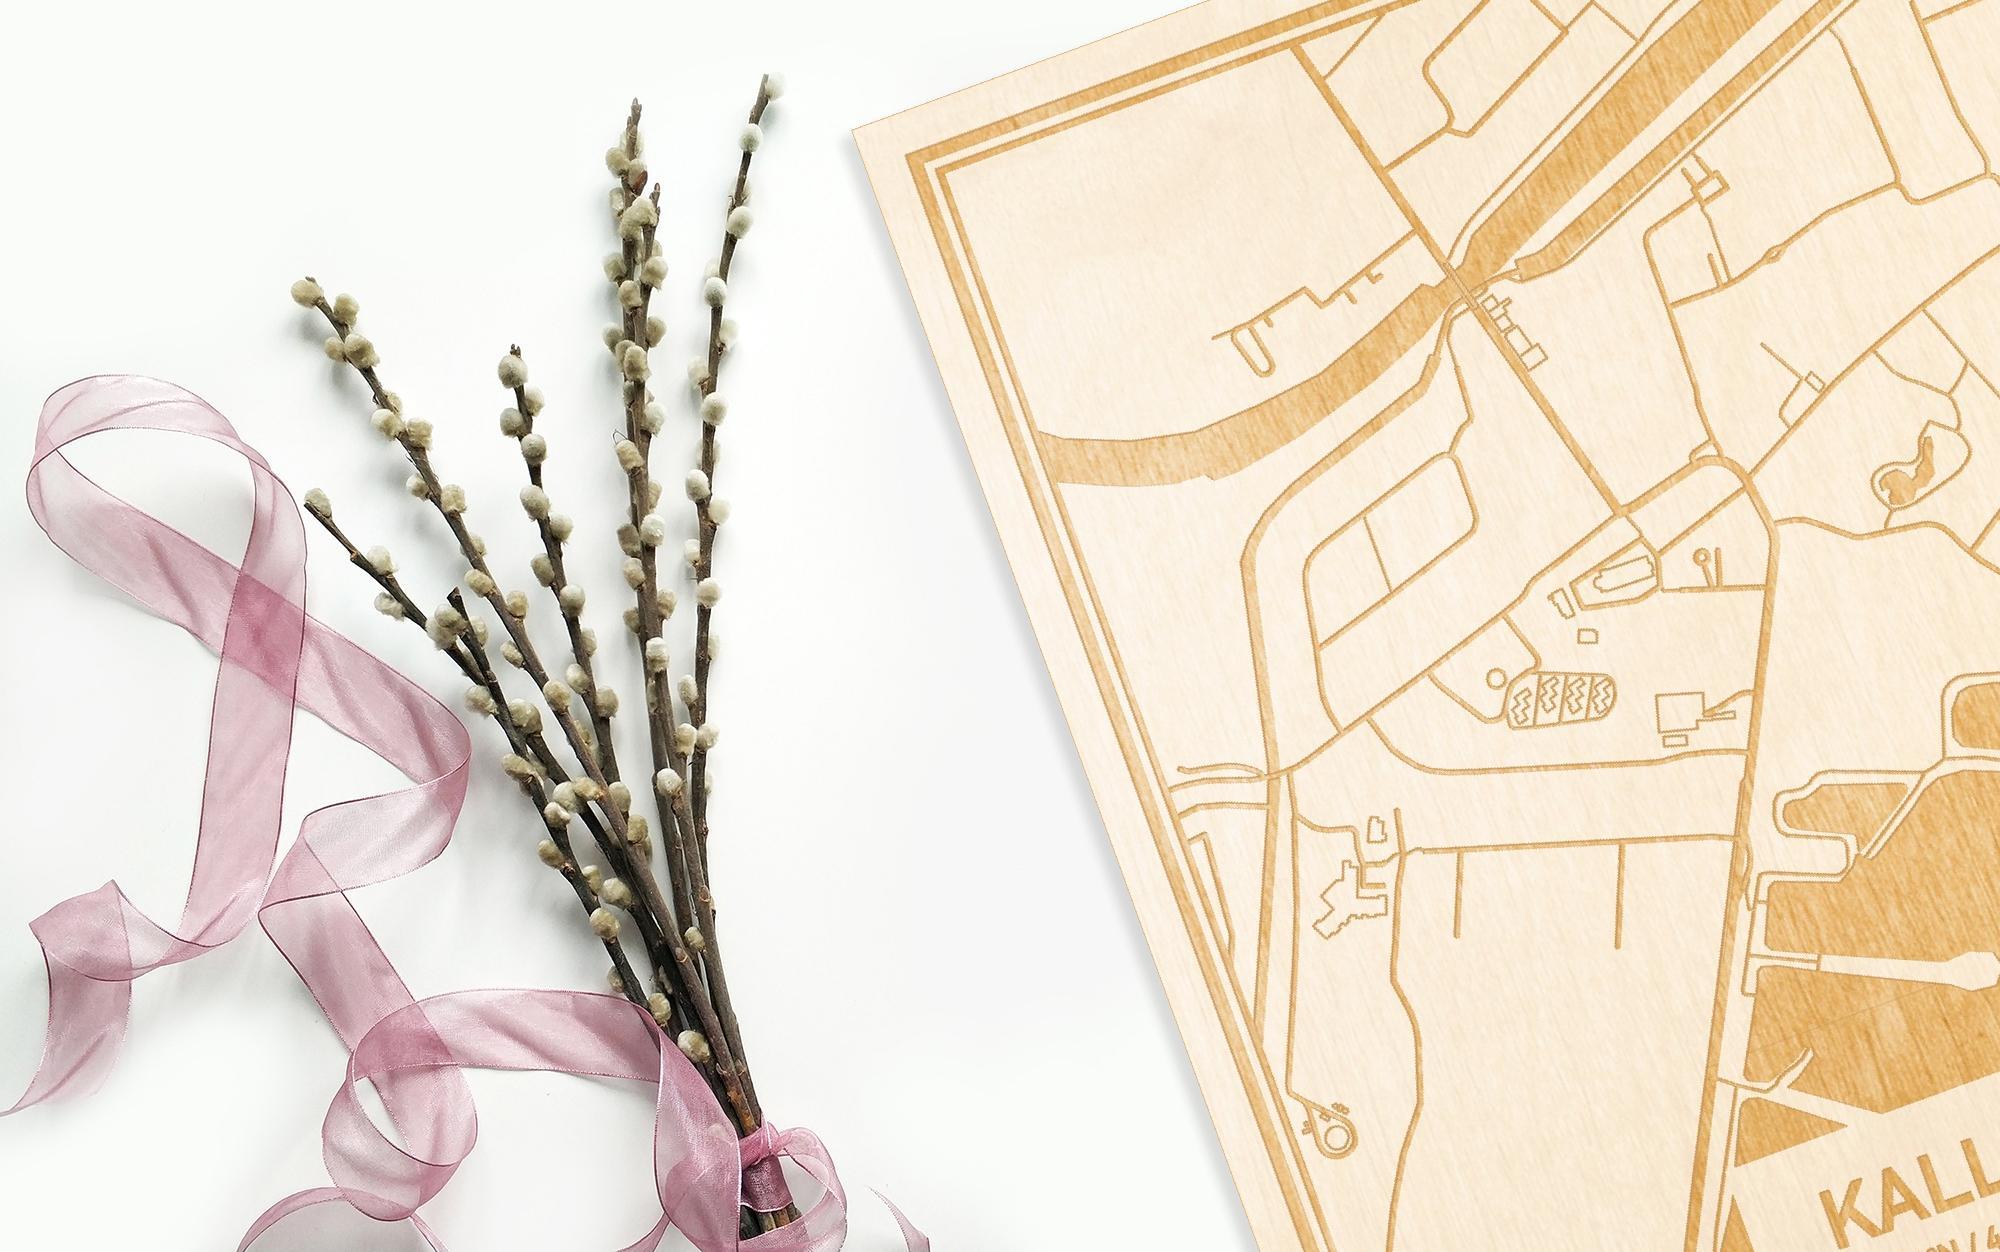 Hier ligt de houten plattegrond Kallo naast een bloemetje als gepersonaliseerd cadeau voor haar.